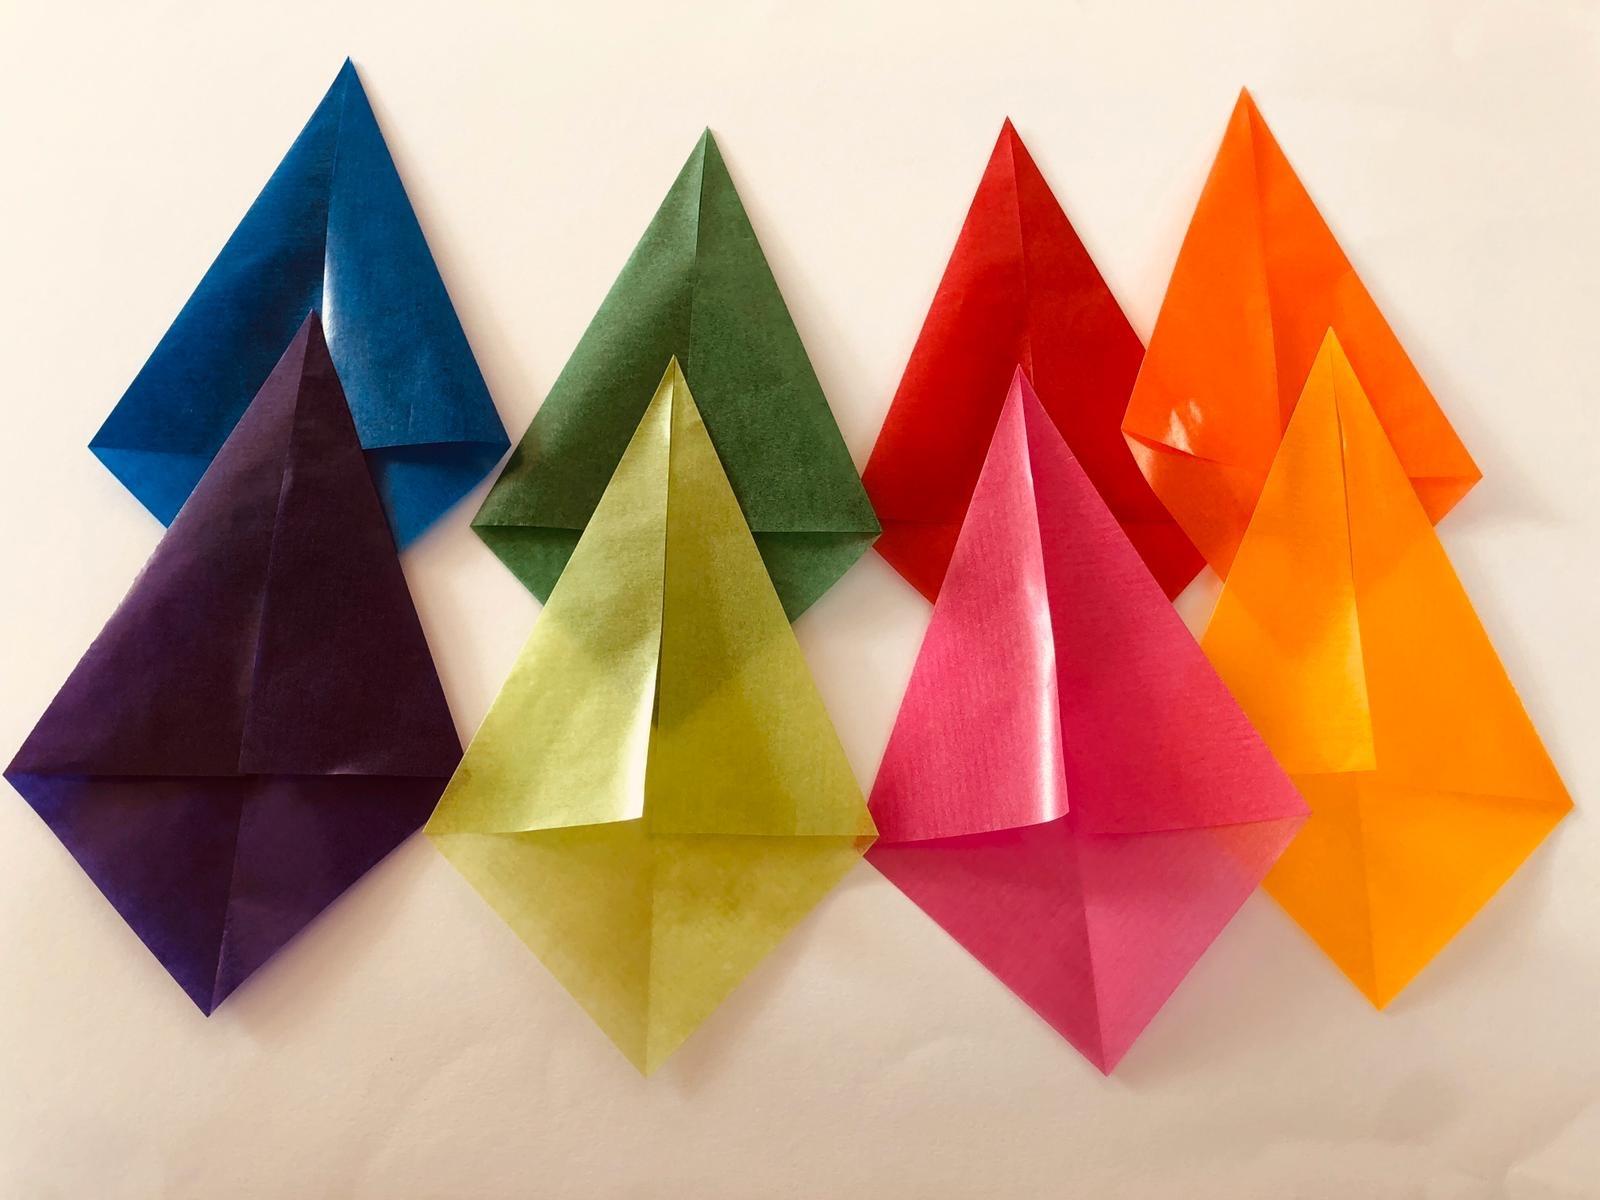 Ster van vliegerpapier - stap 2 - Hout en Plezier